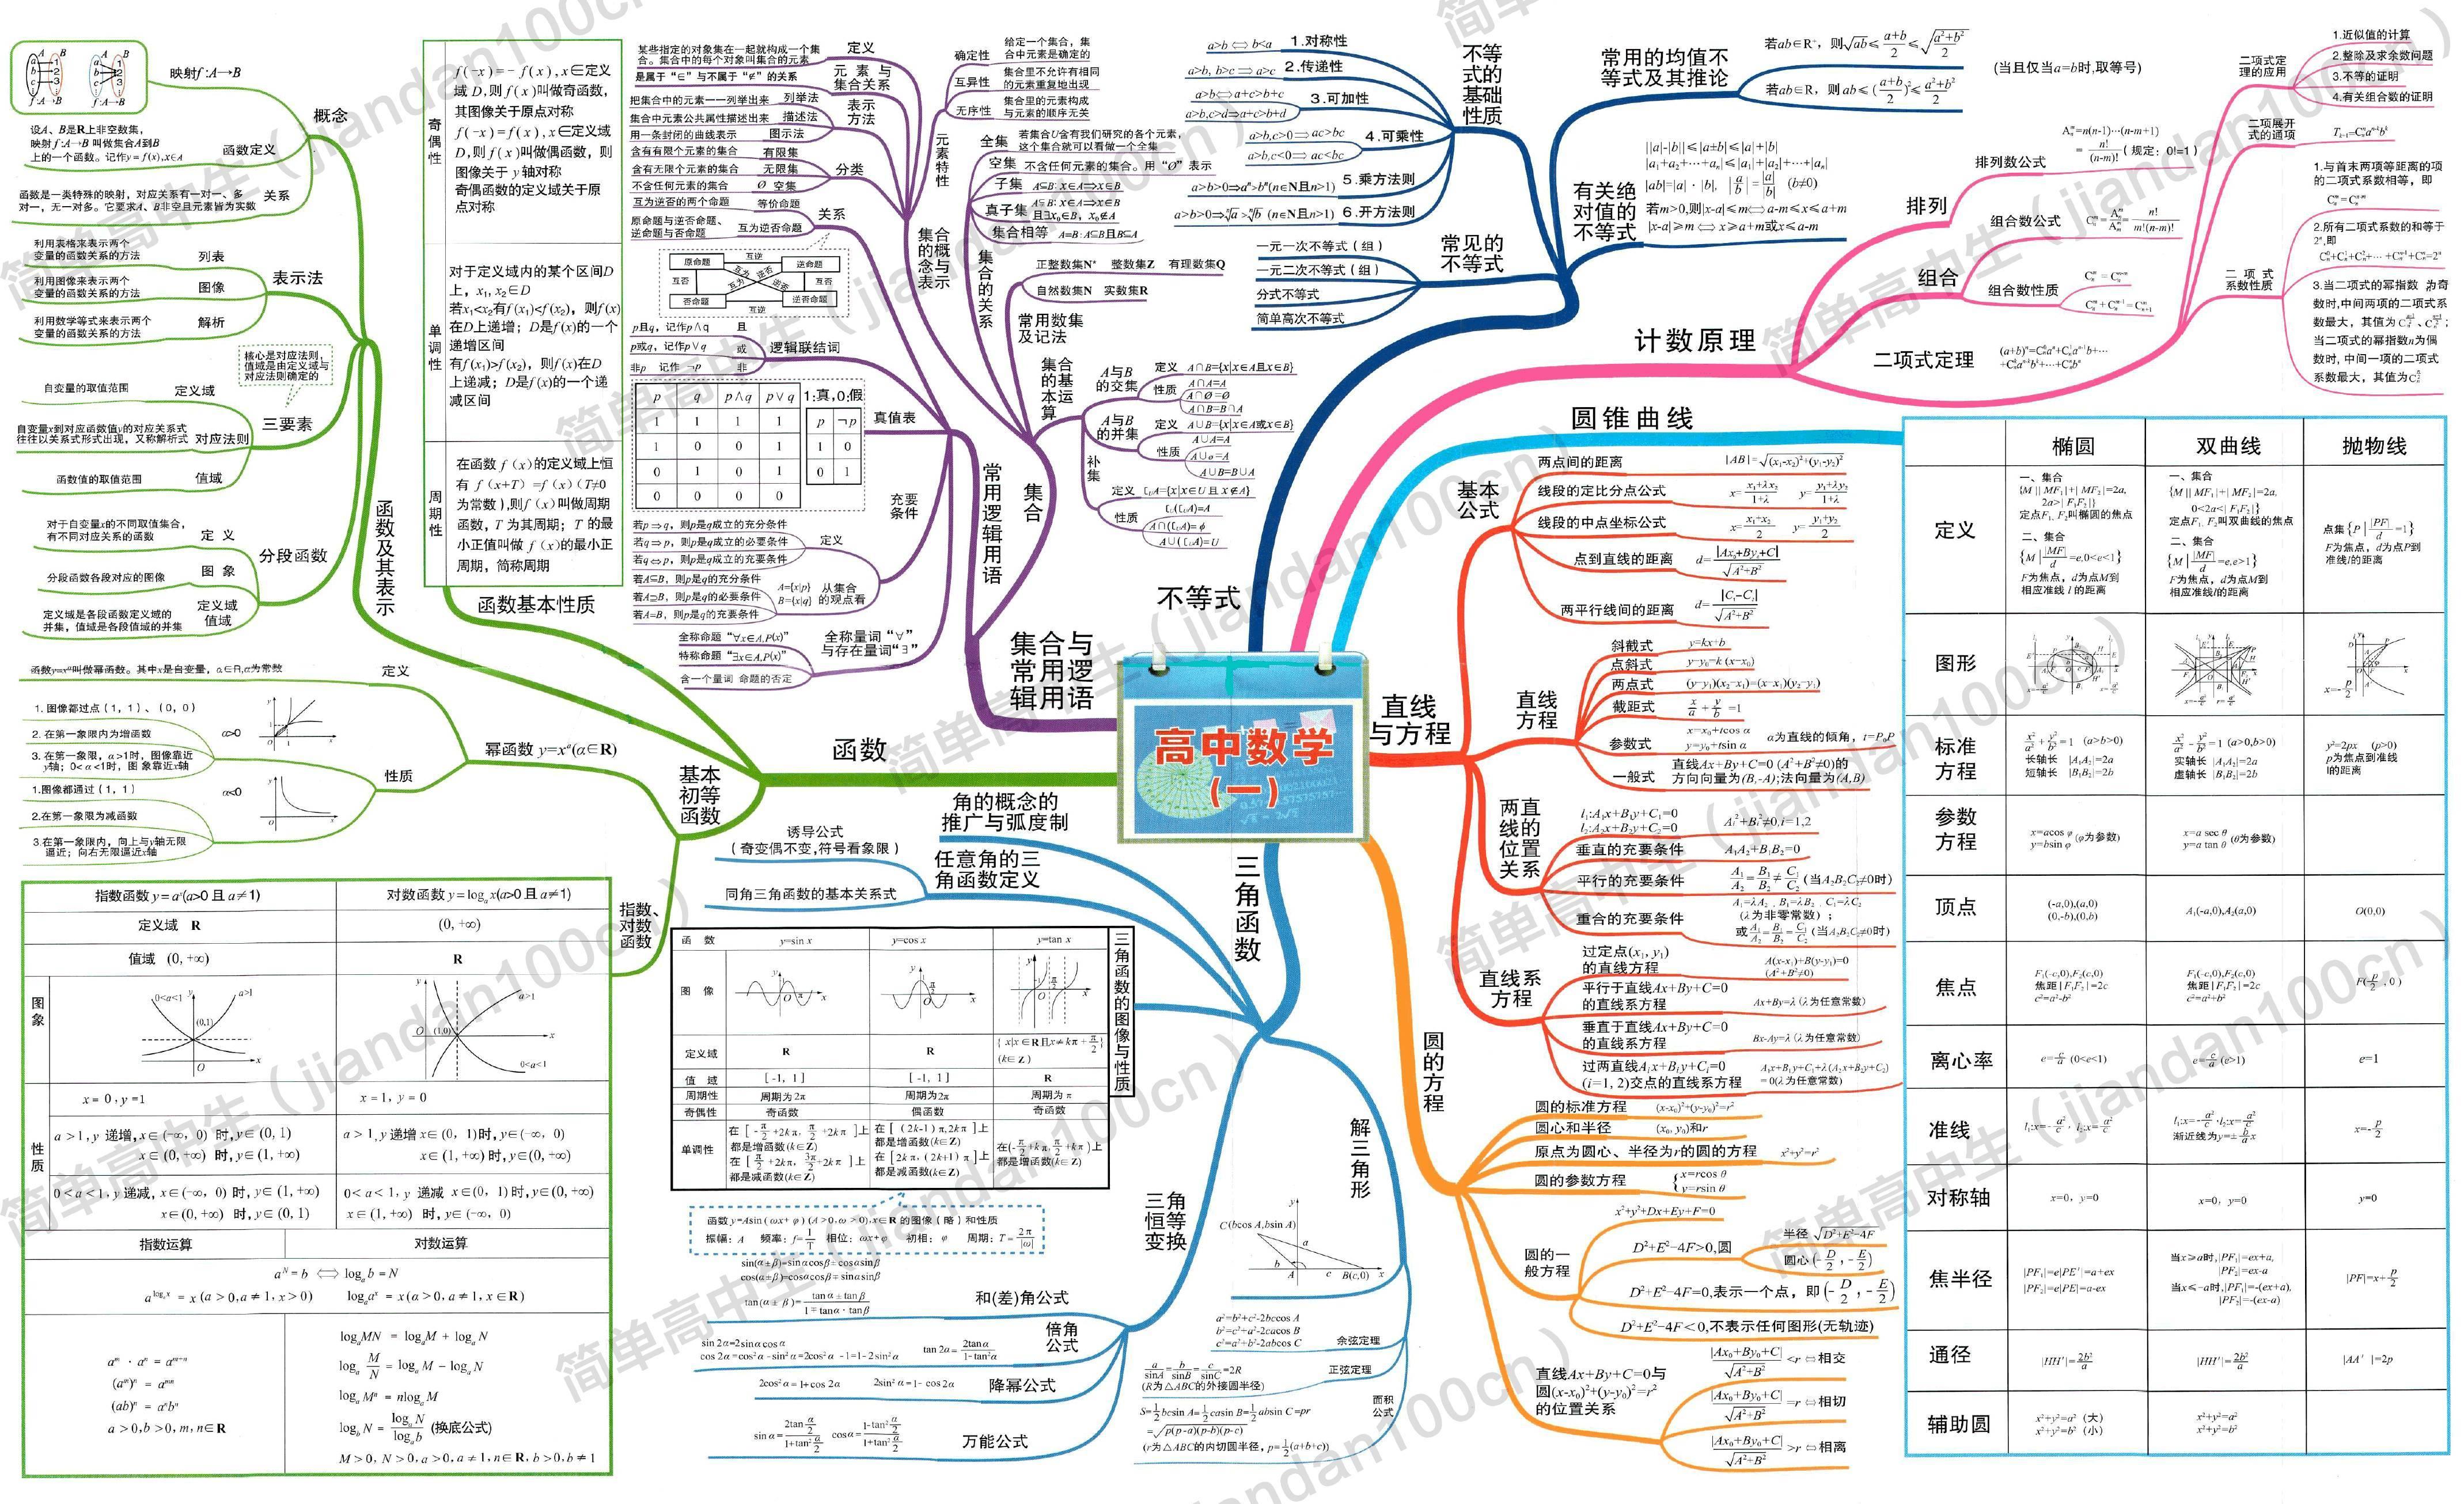 超全高中数学思维导图,2张图帮你扫清三年知识